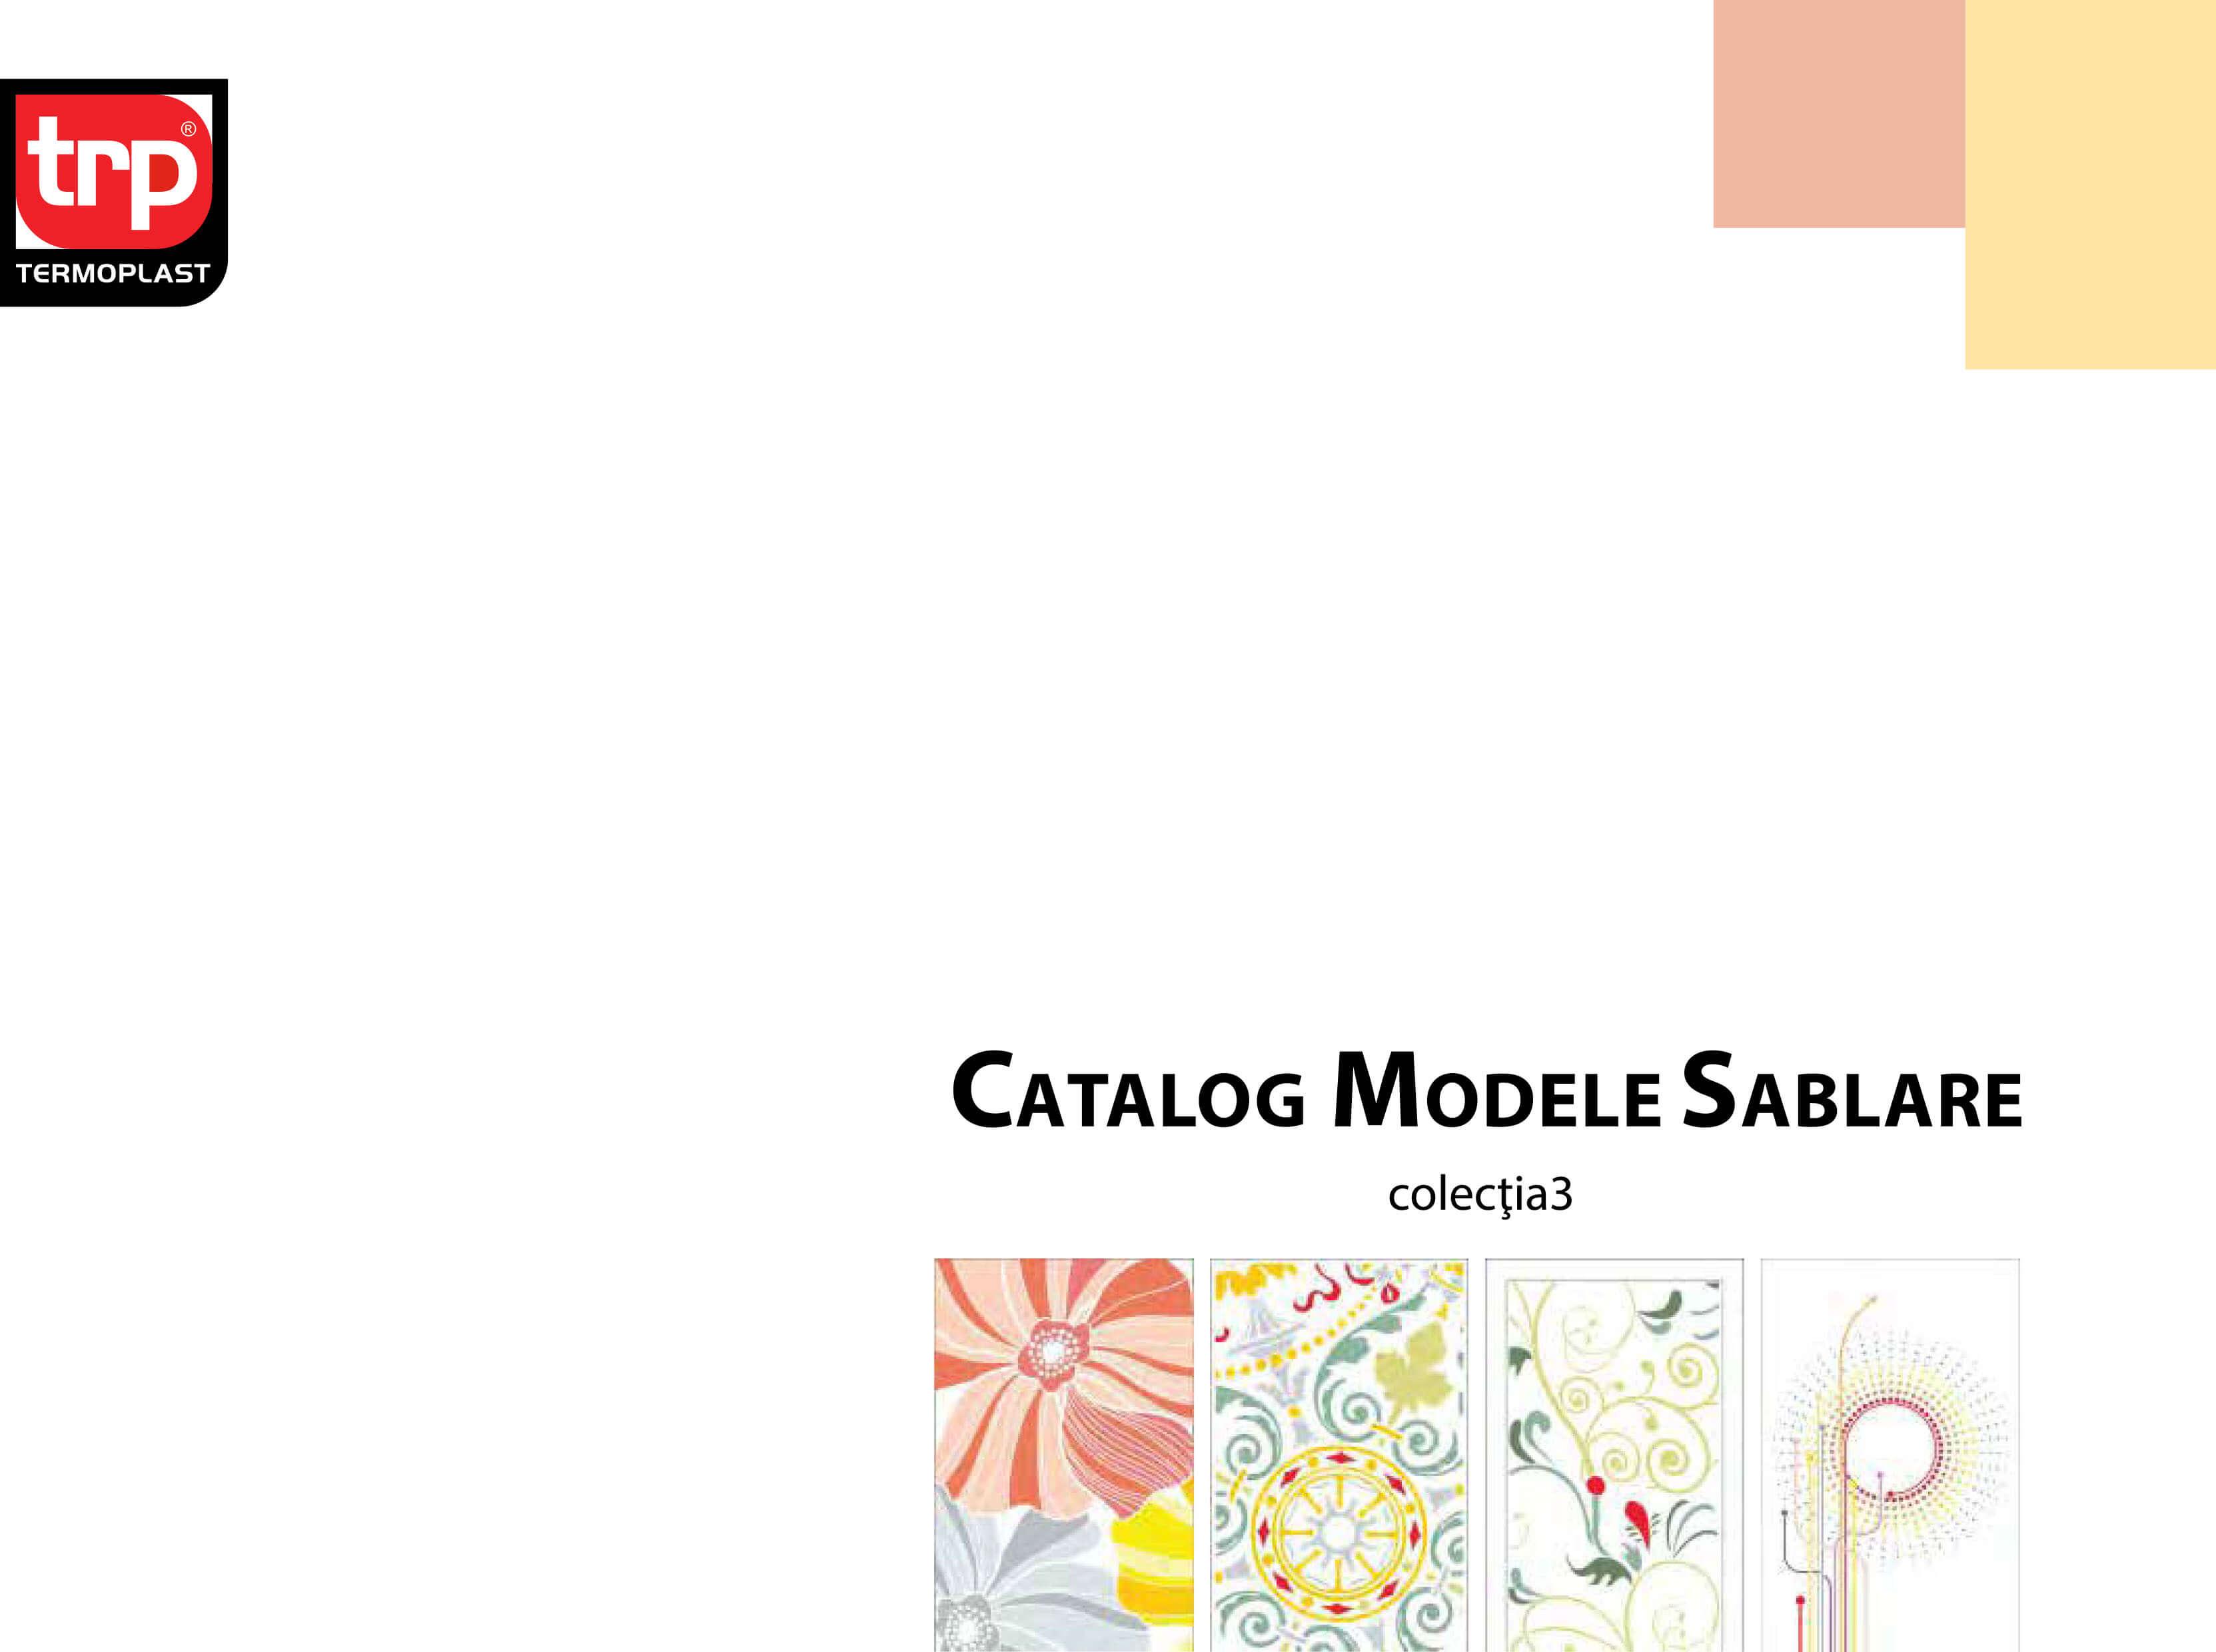 catálogos de vidro decorativo